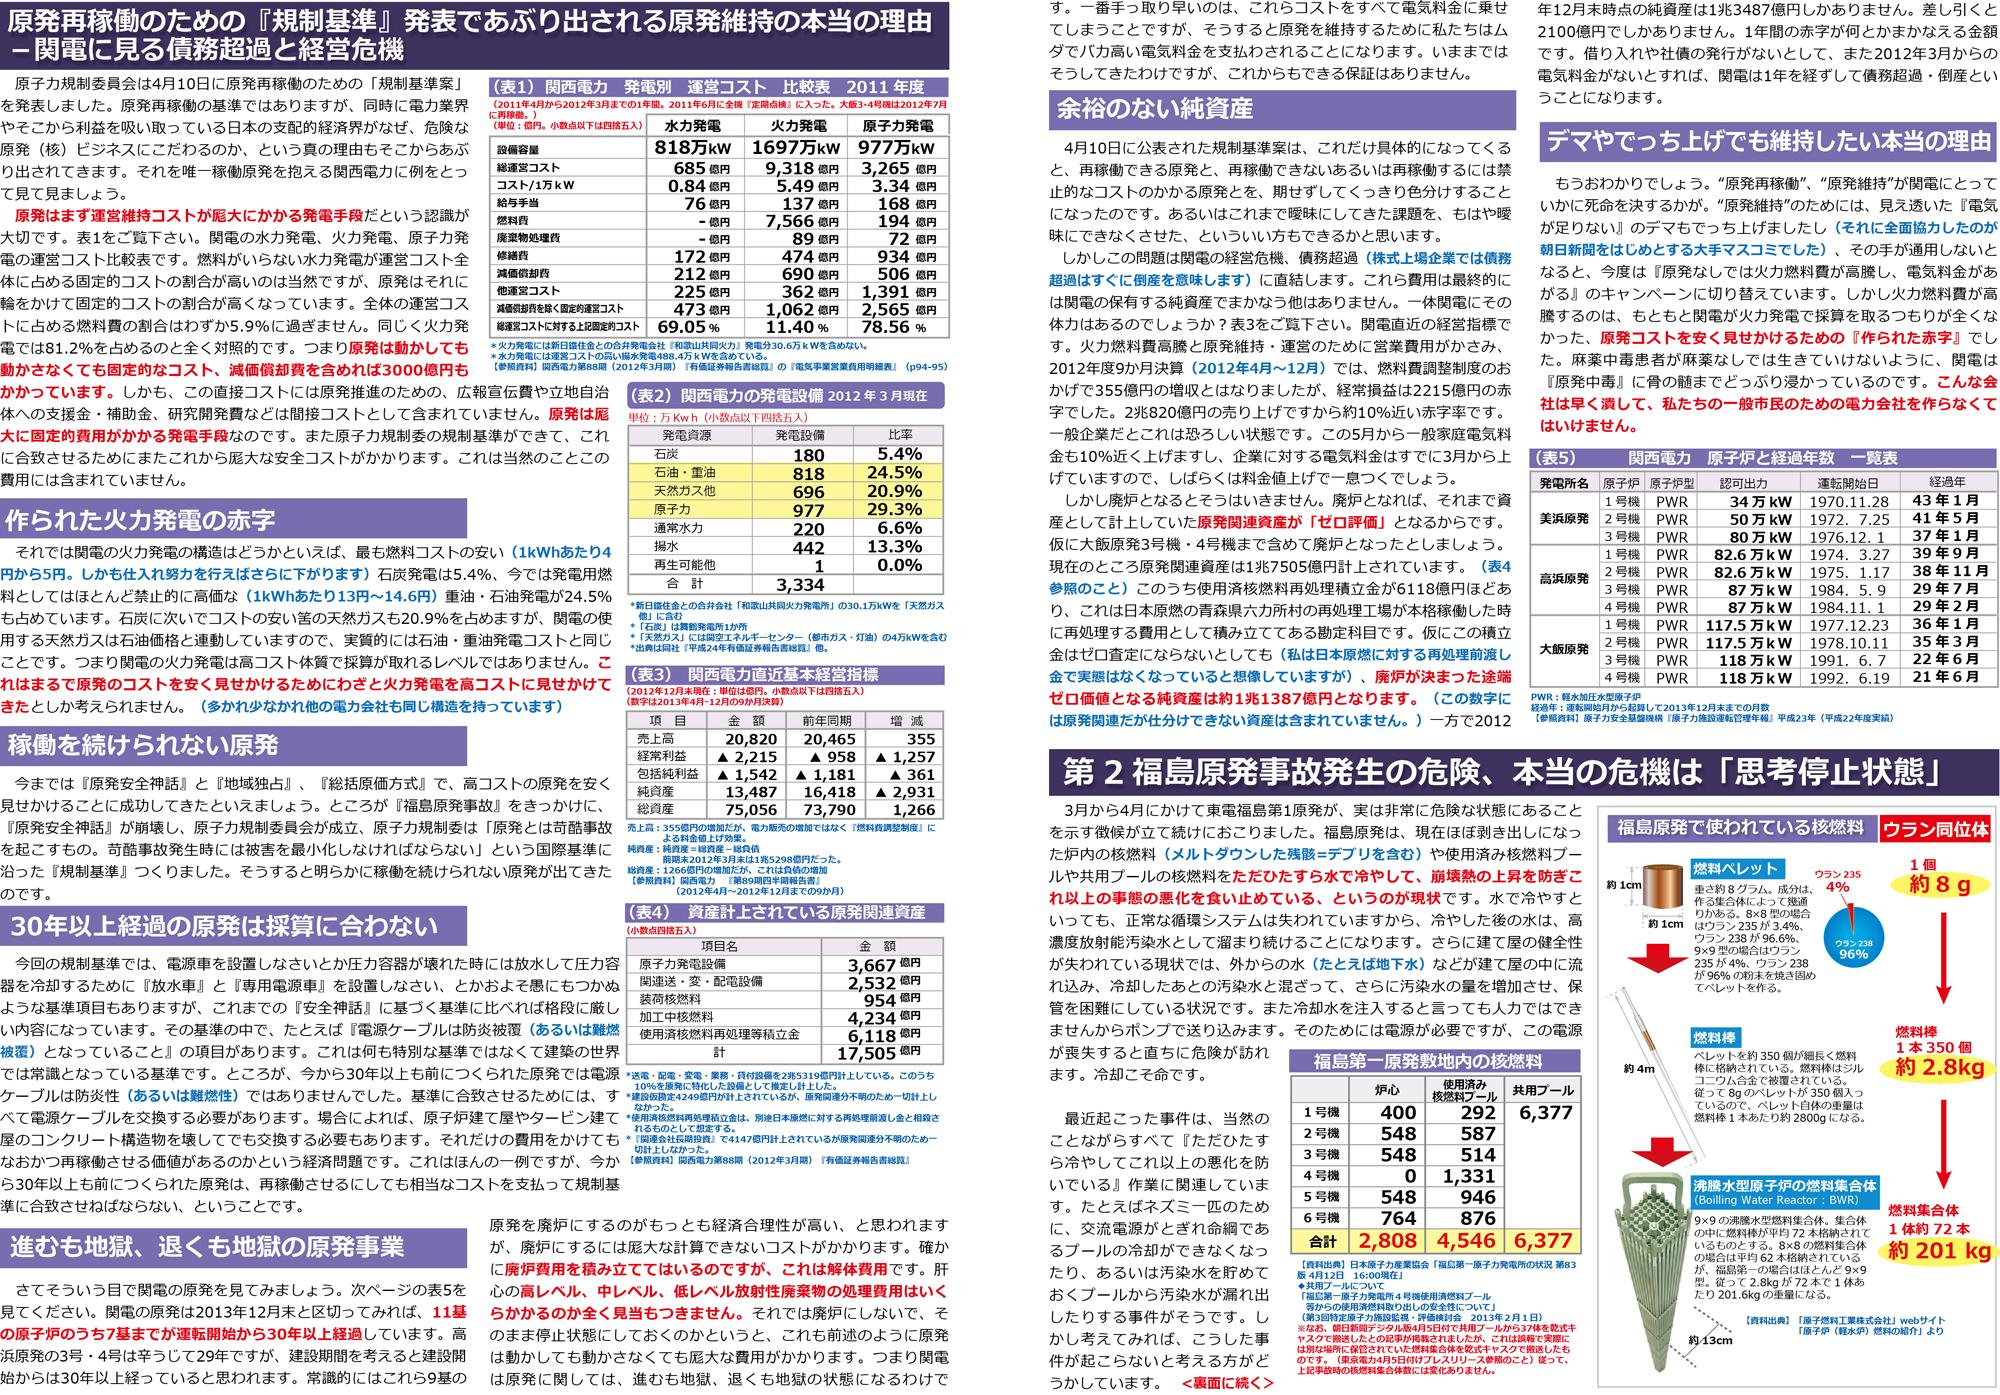 ファイル 129-2.jpg